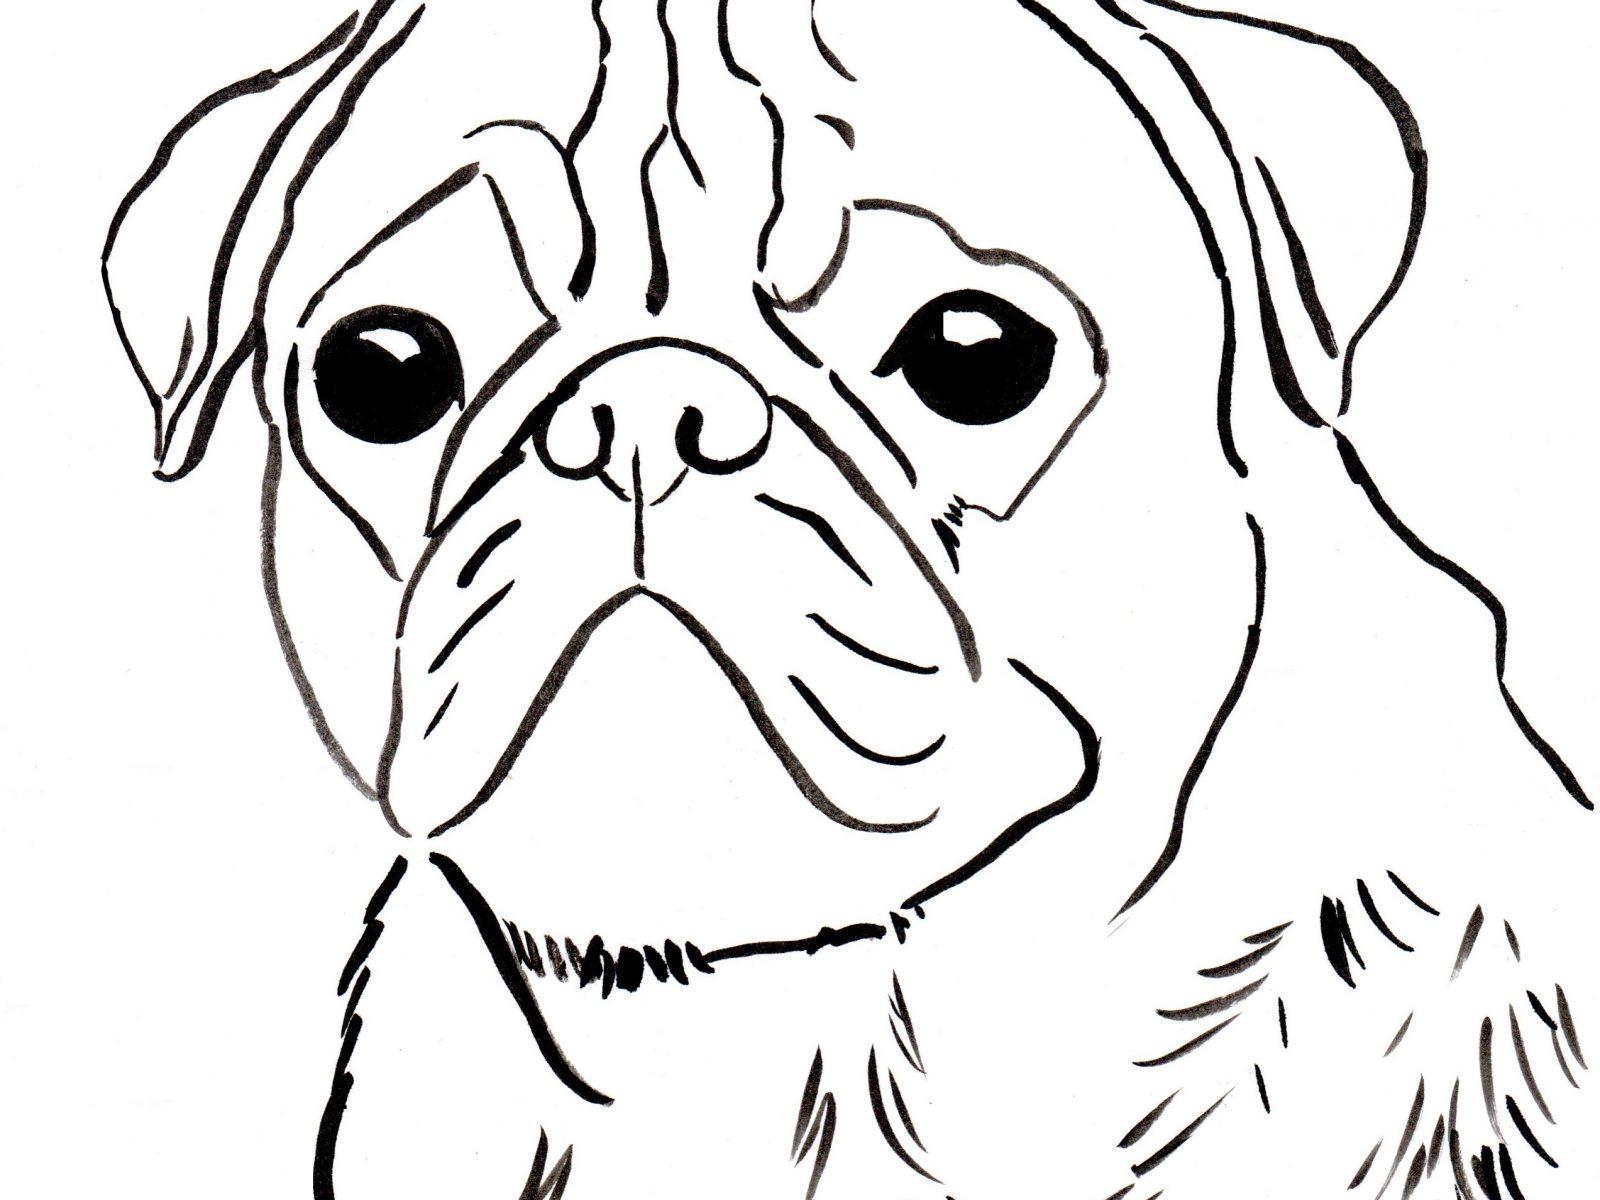 Pug Dog Drawing At Getdrawings